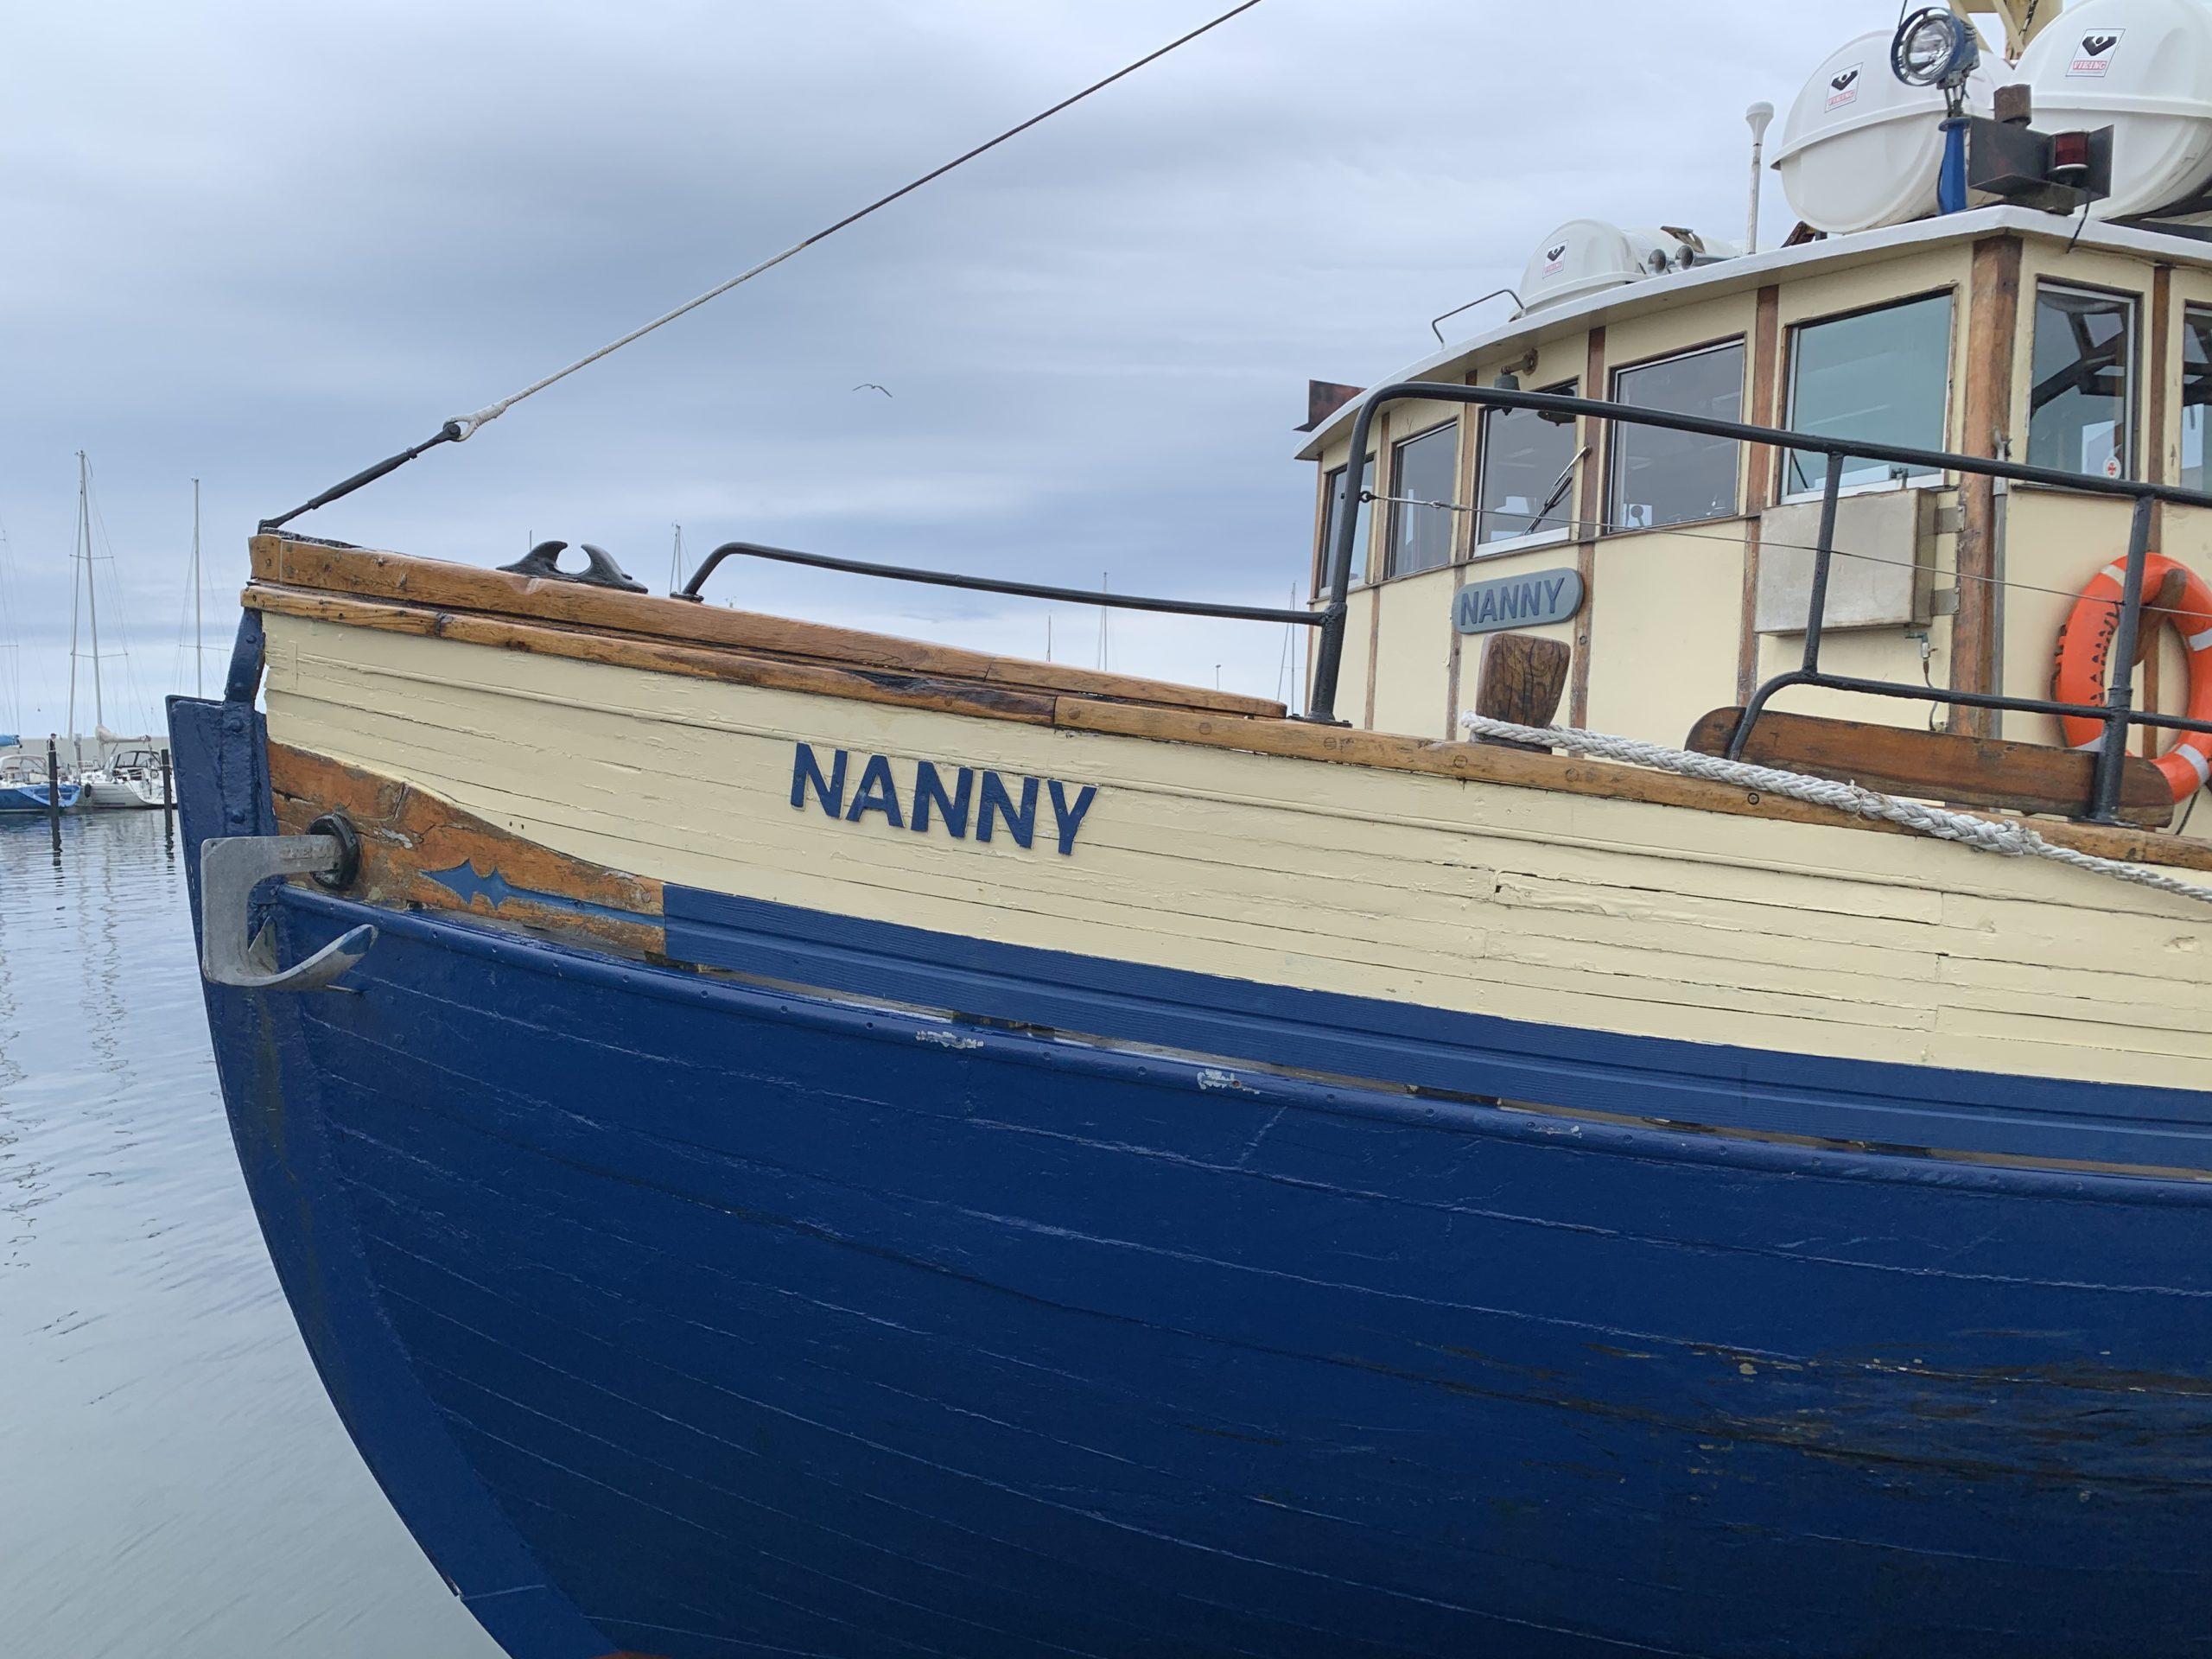 Båten Nanny i hamn